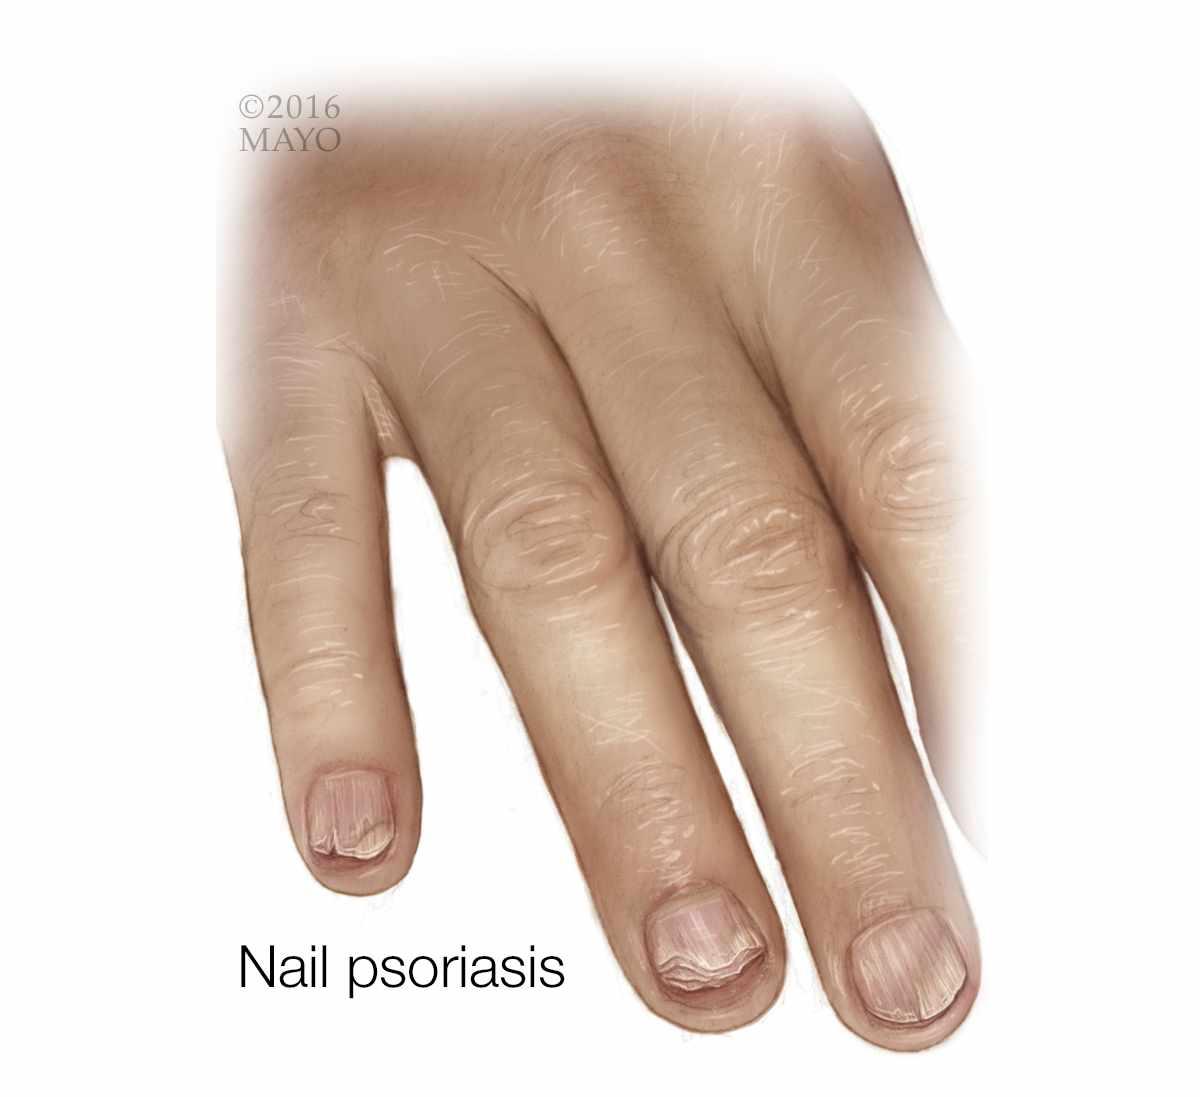 Ilustración médica de psoriasis en la uña